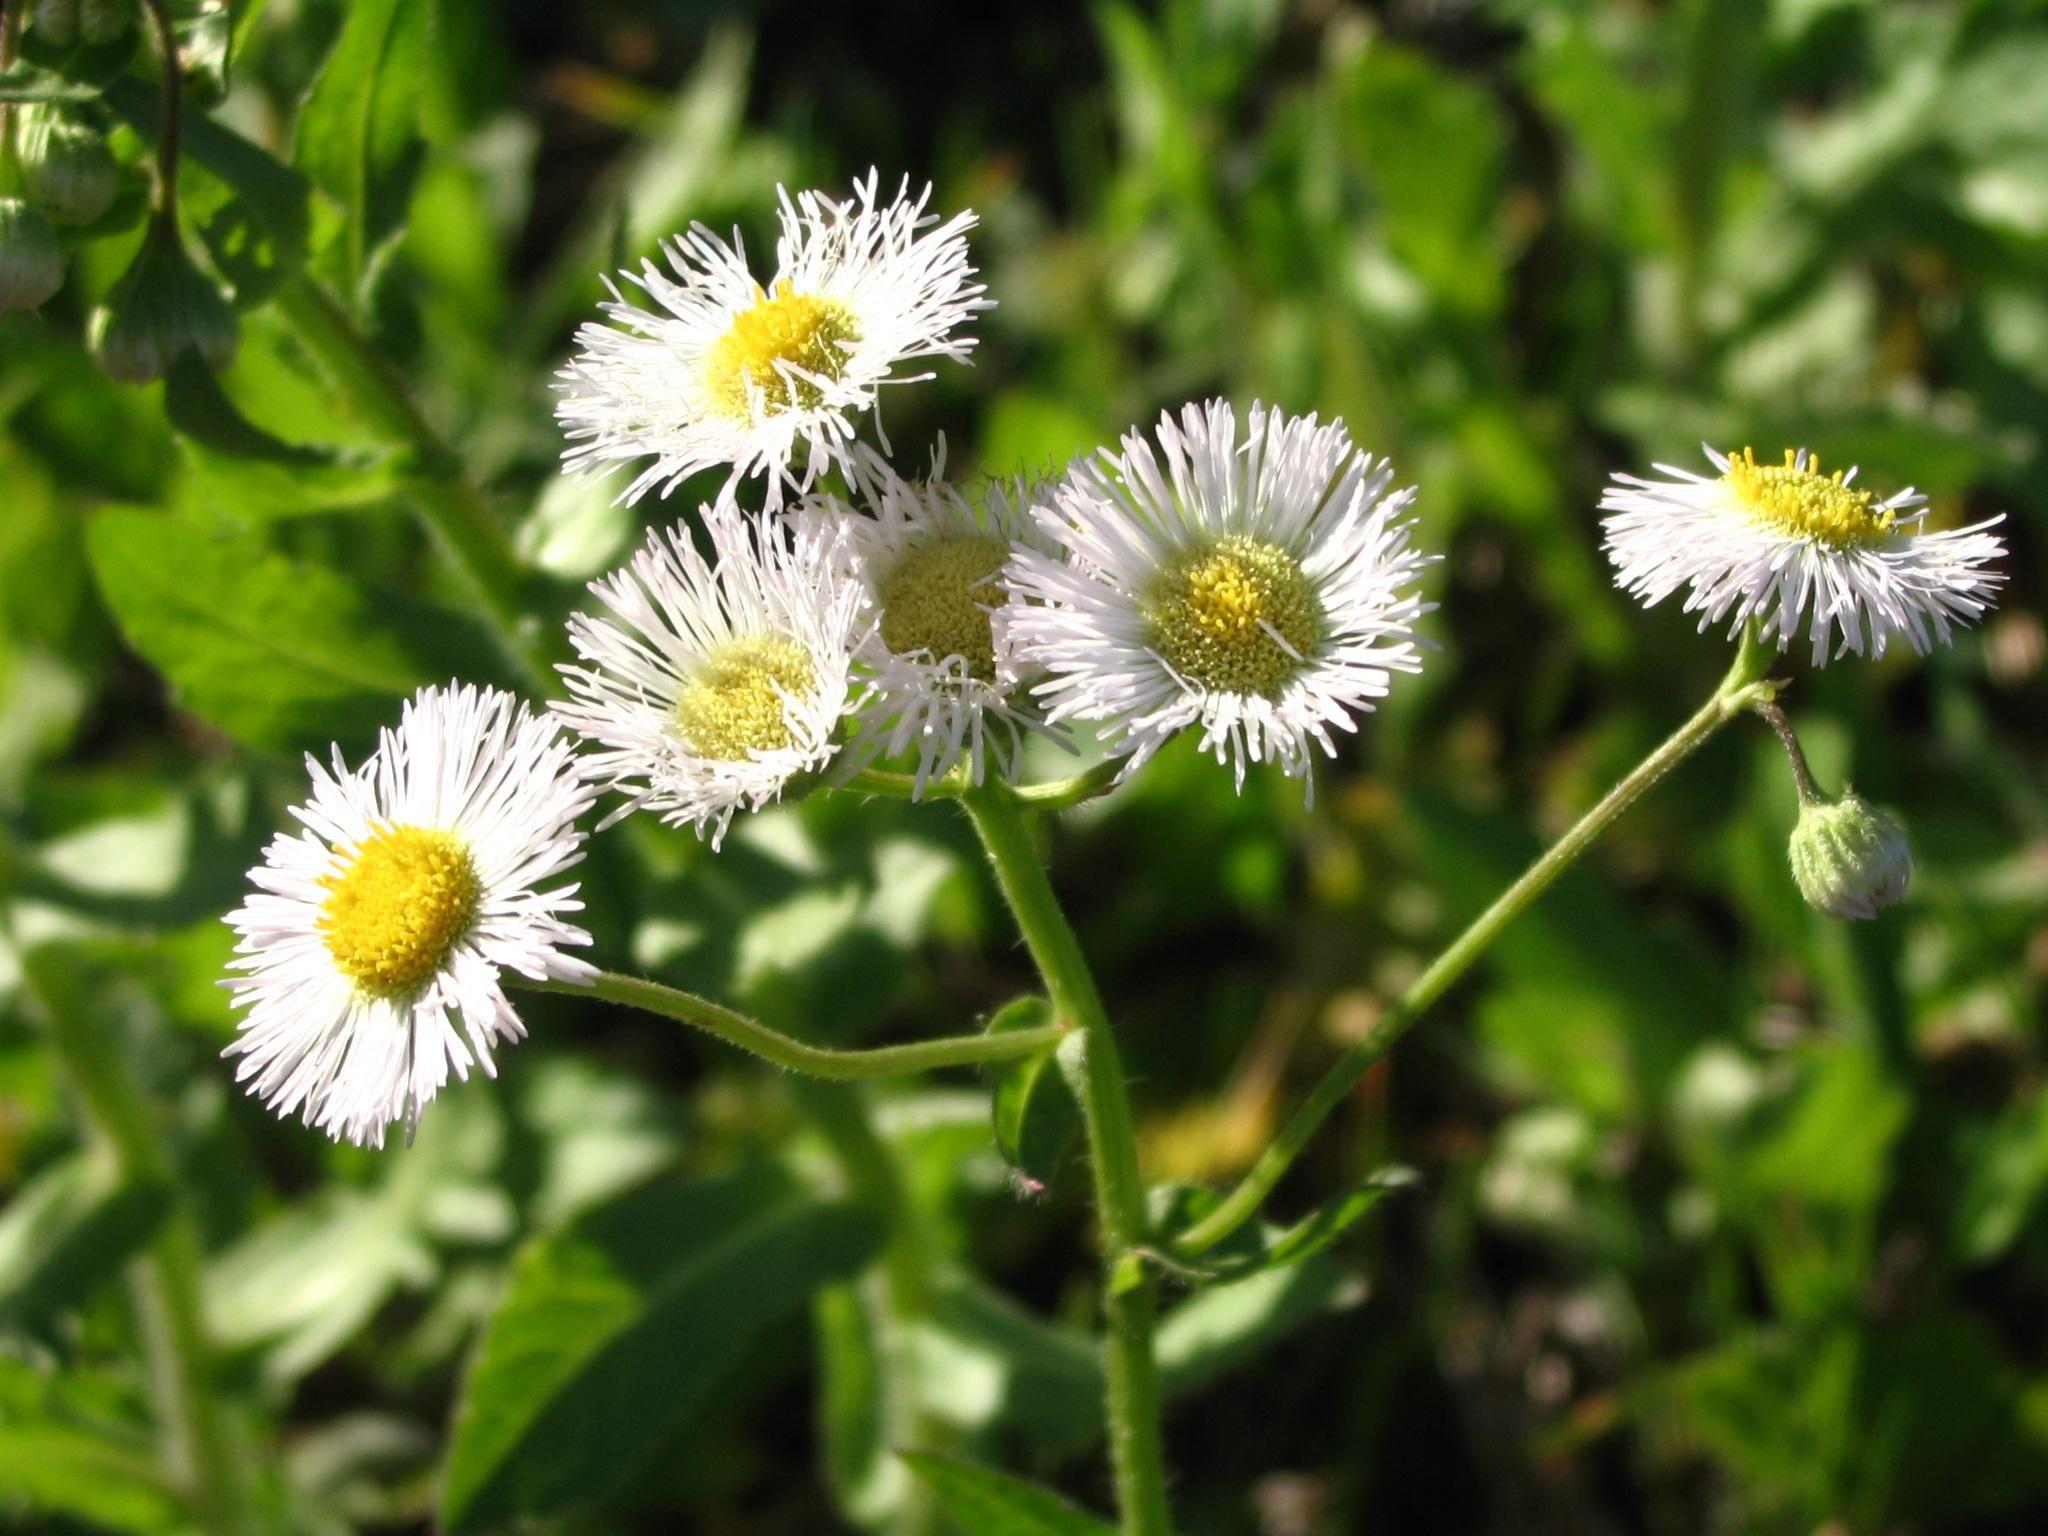 Free picture tiny daisy flowers sunlight tiny daisy flowers sunlight izmirmasajfo